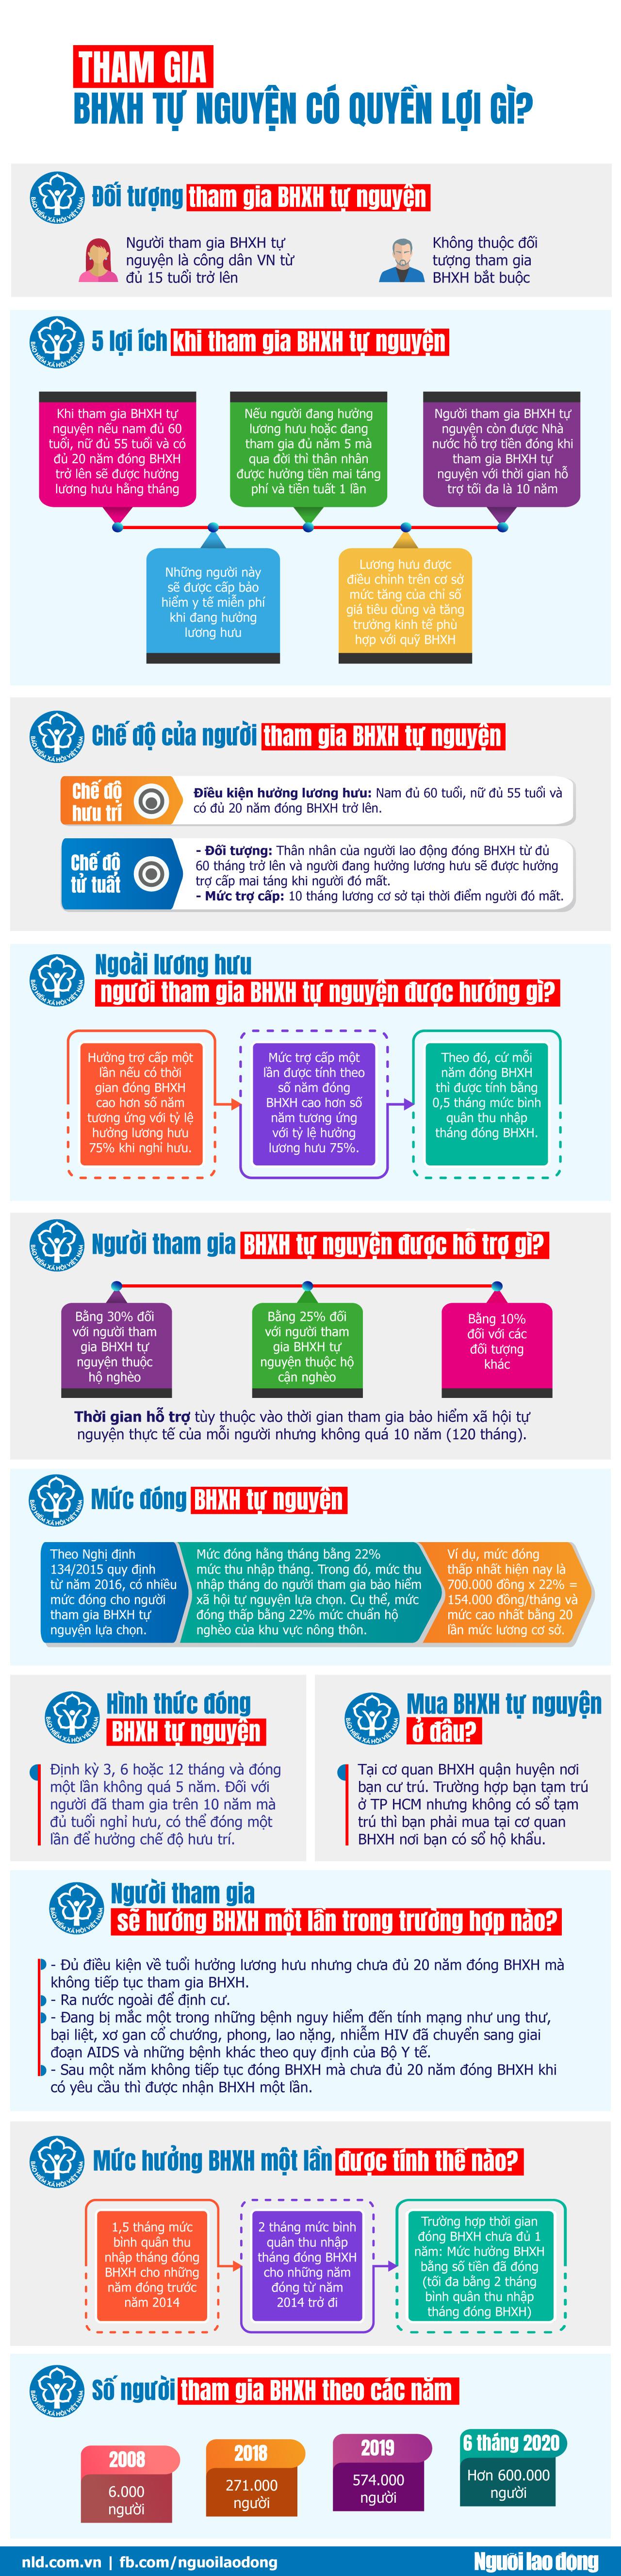 [Infographic] Tham gia bảo hiểm xã hội tự nguyện có quyền lợi gì? - Ảnh 1.